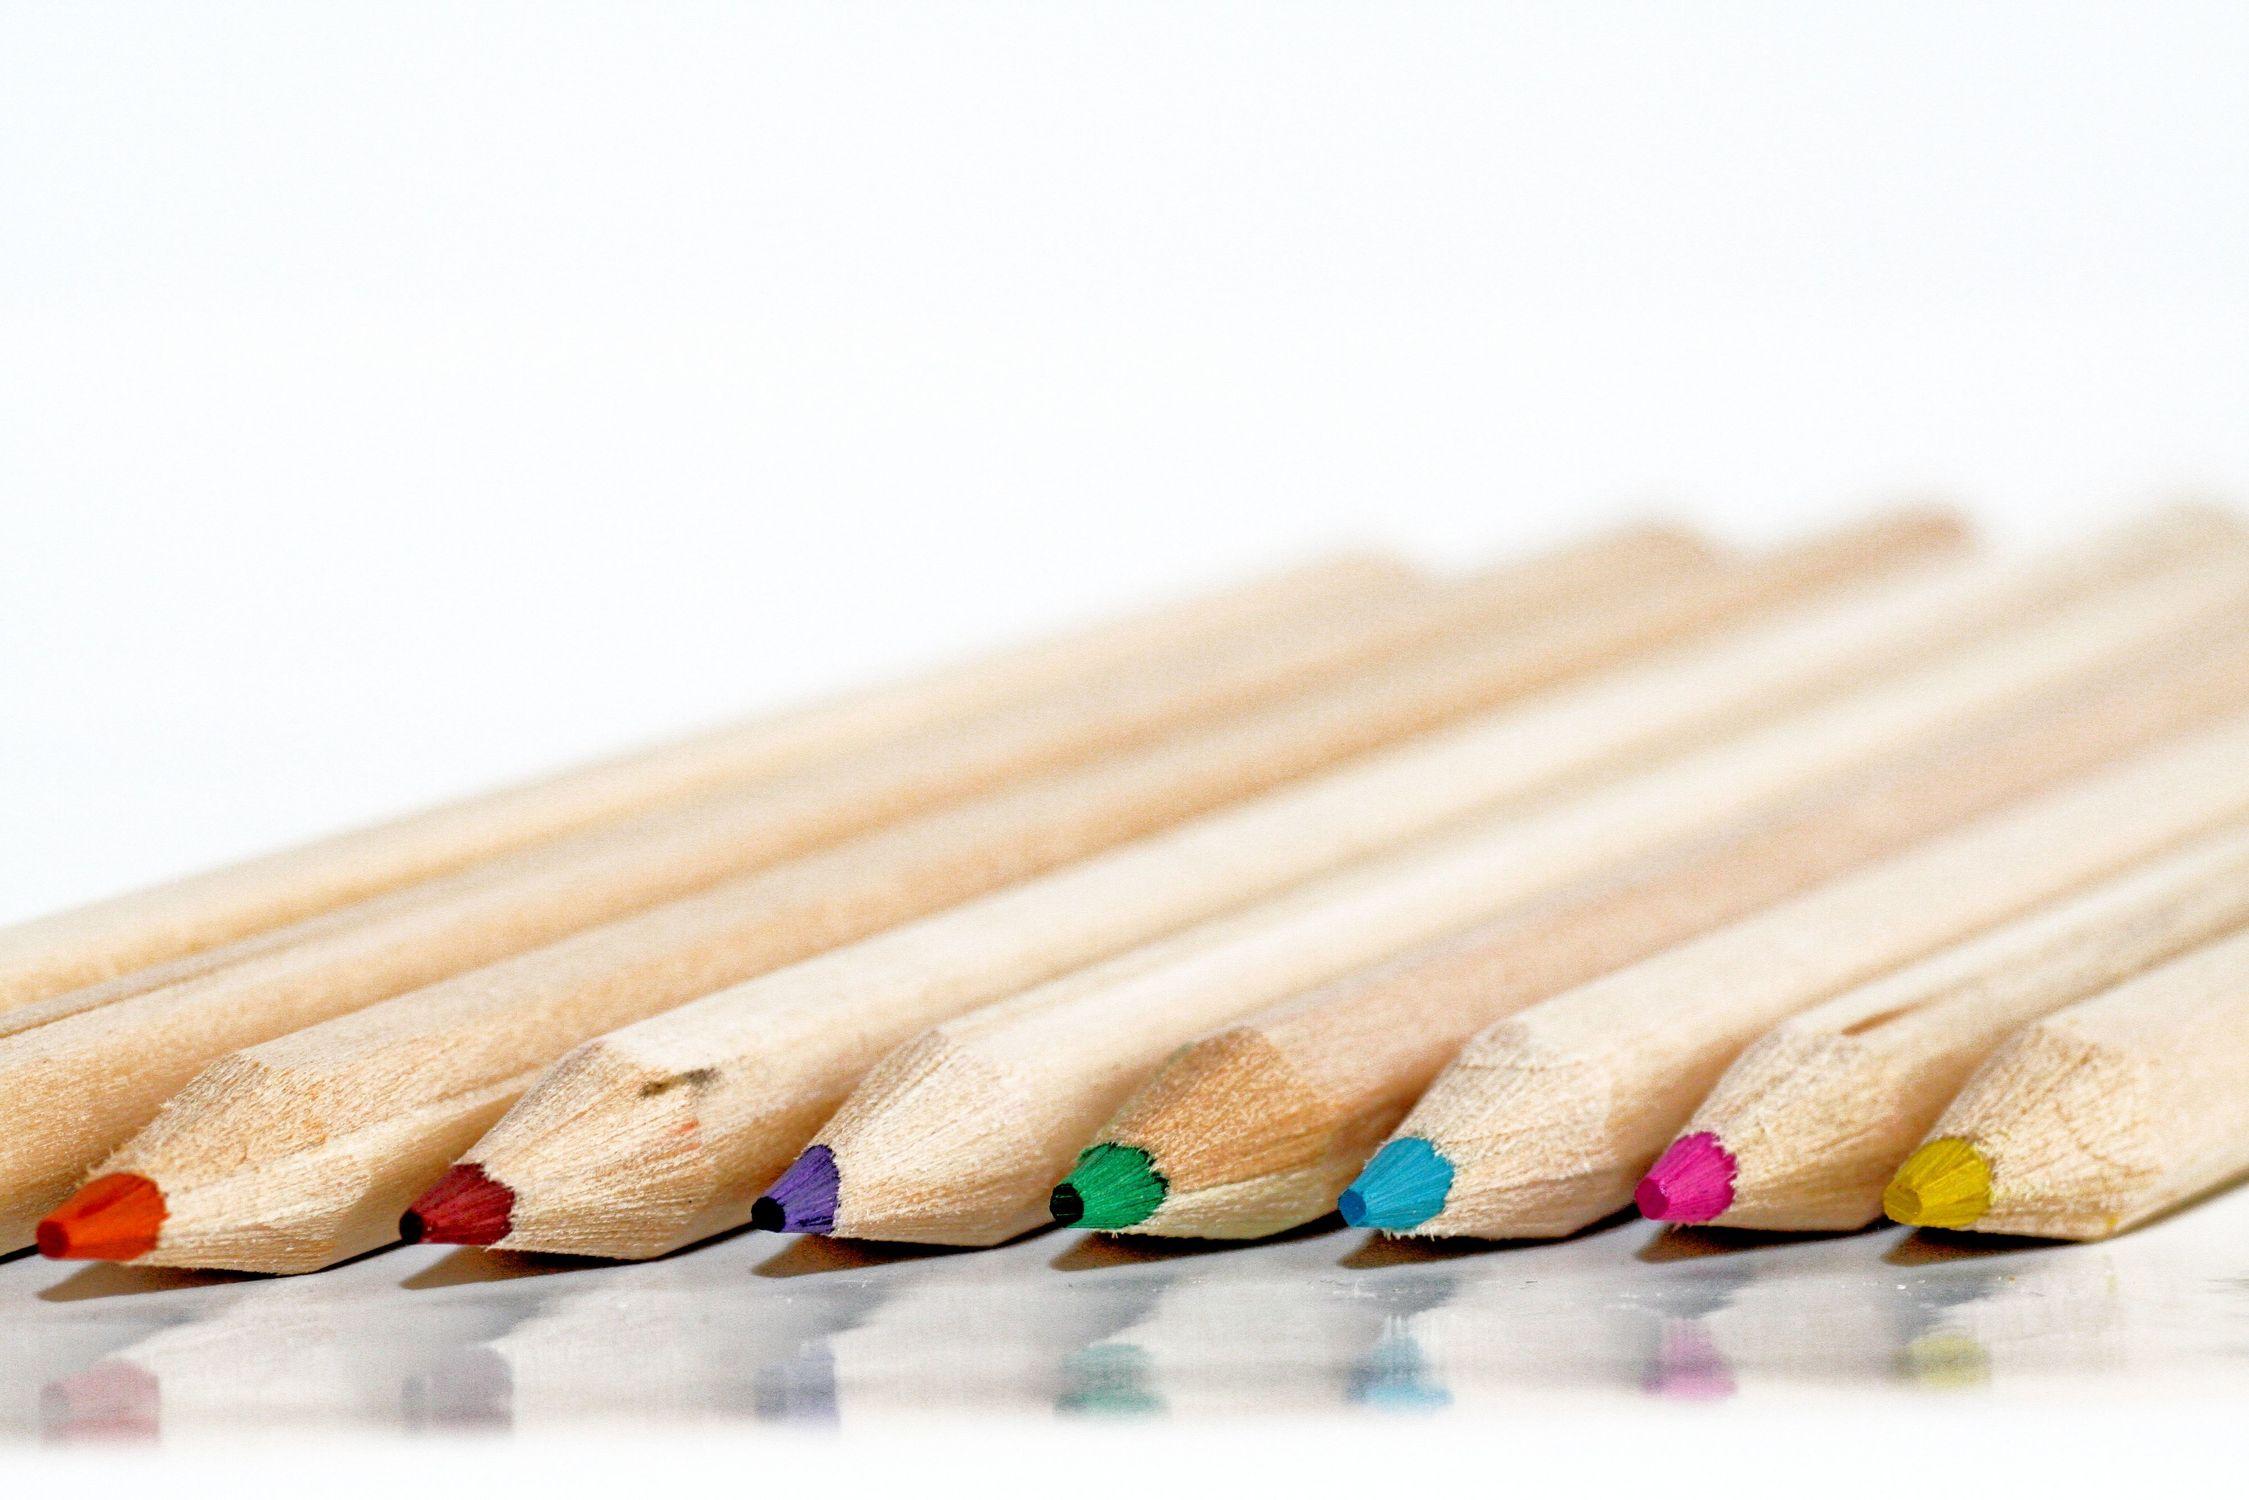 Bild mit Stift, Stifte, Buntstift, Buntstifte, Malstifte, Zeichenstift, farbige Stifte, Farbstift, Farbstifte, Zeichenstifte